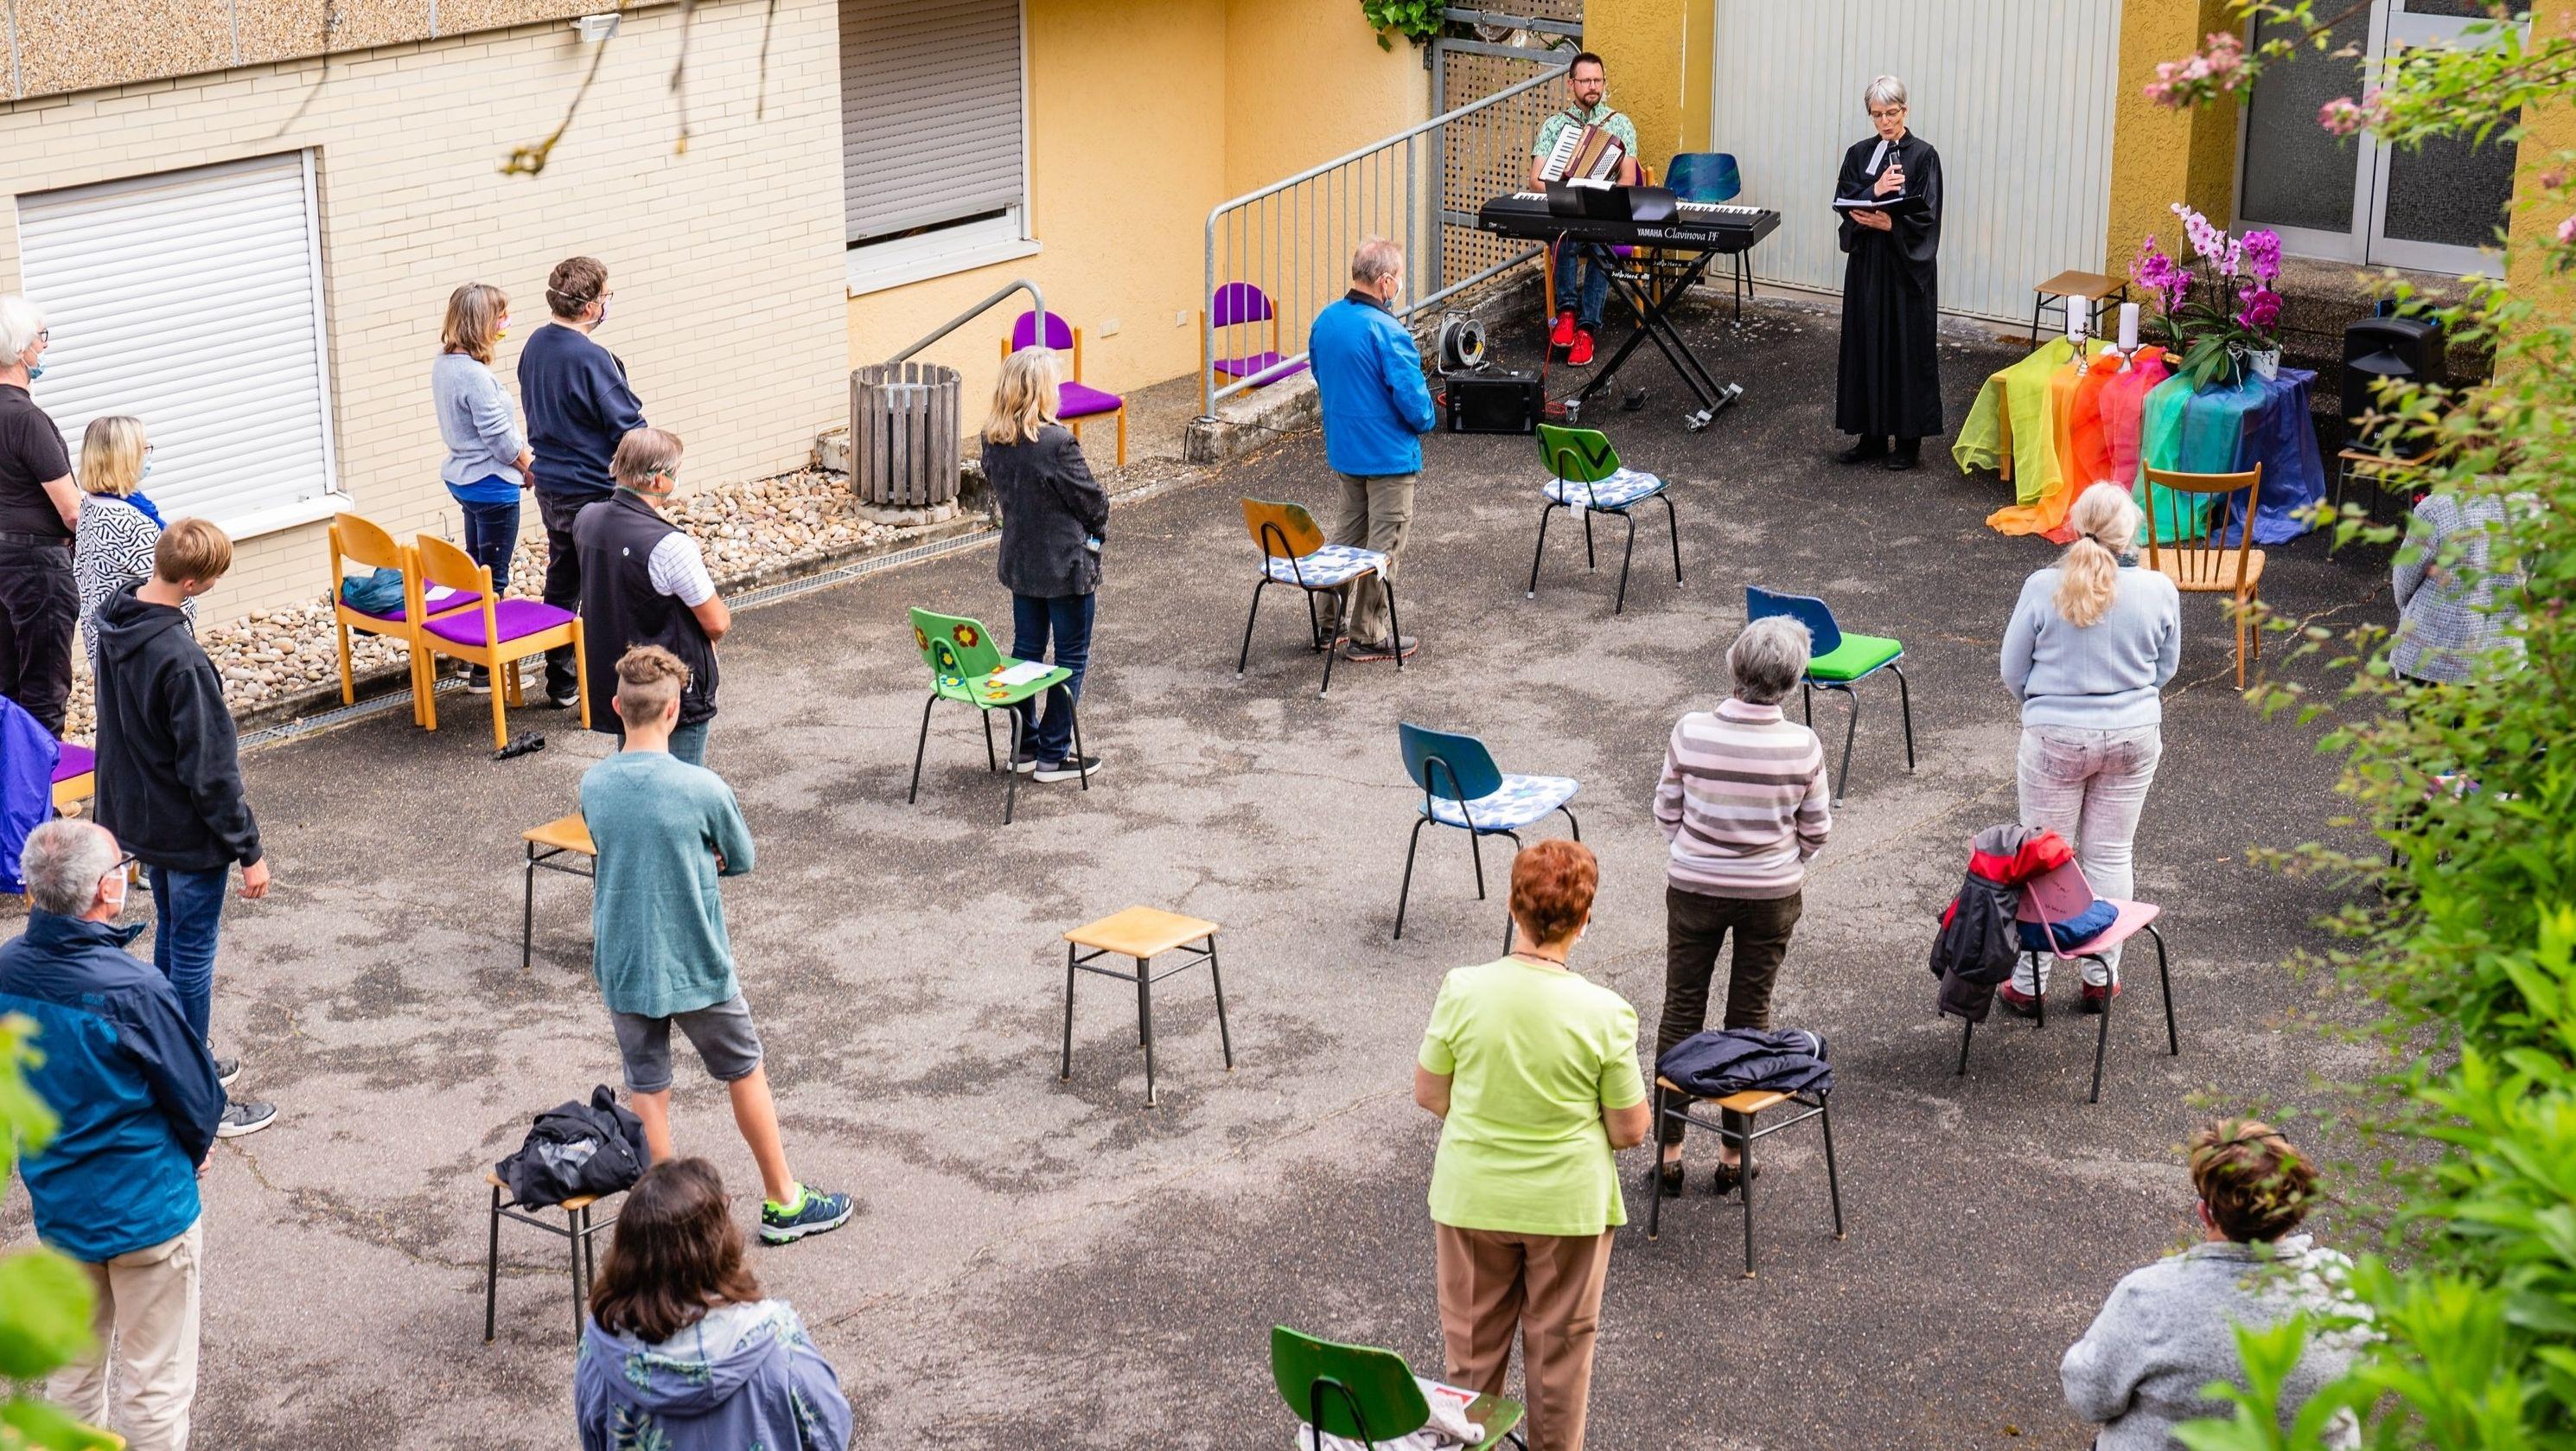 Ein Innenhof, in dem eine Pastorin einen Gottesdienst vor wenigen, auf mehrere Stühle verteilten Gläubigen abhält. Die Menschen stehen vor ihrem Stuhl und lauschen der Predigt